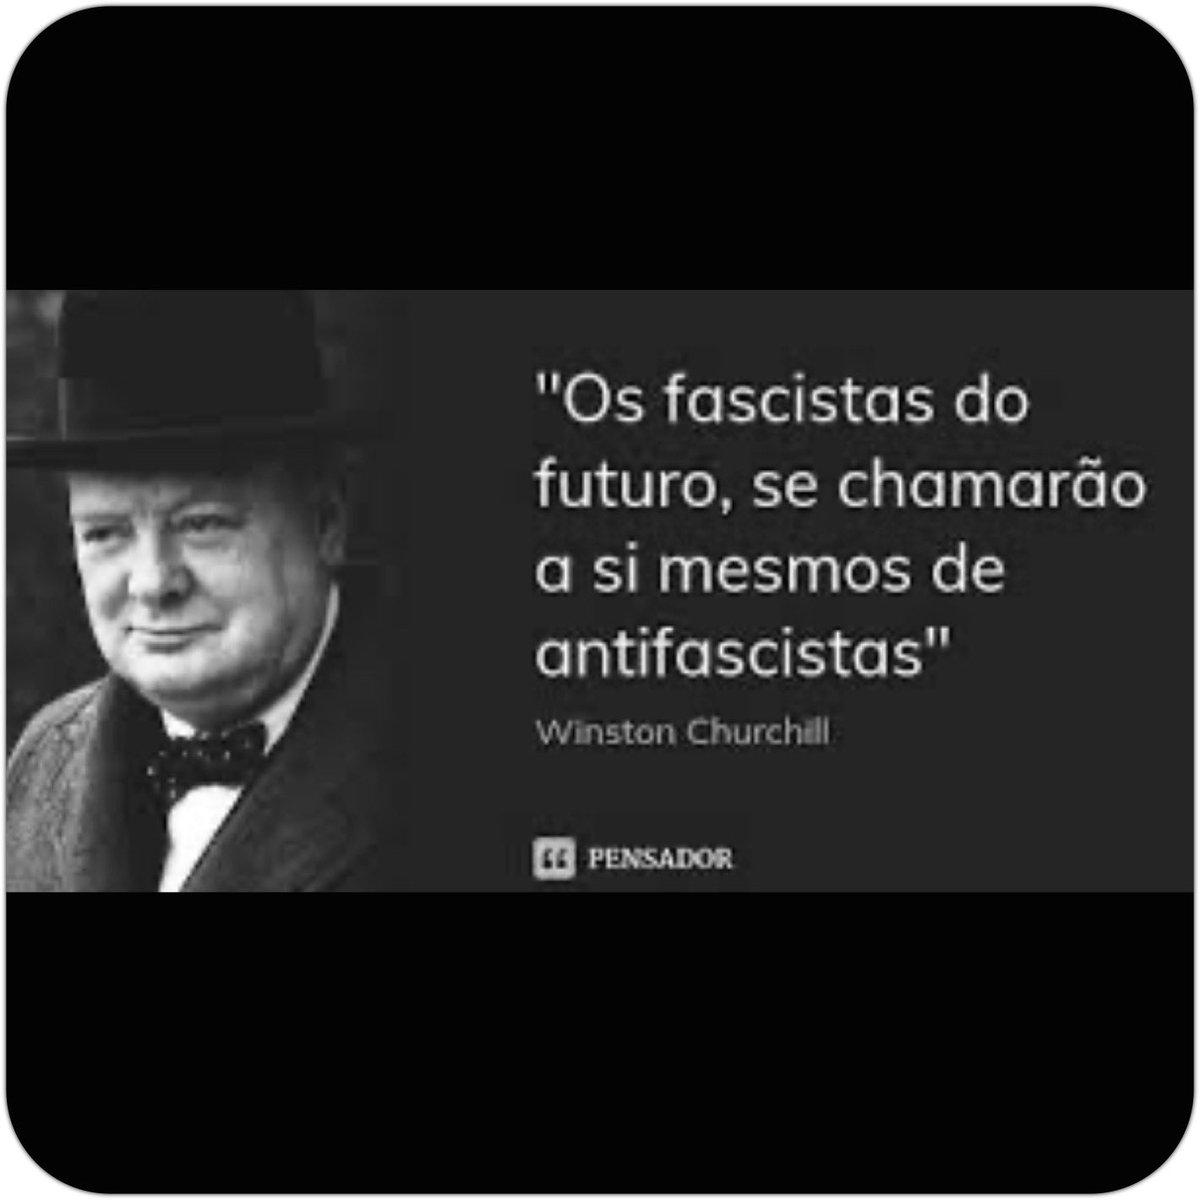 Winston Churchill, o Primeiro-ministro do Reino Unido durante a 2ª guerra mundial. Mais profético impossível!